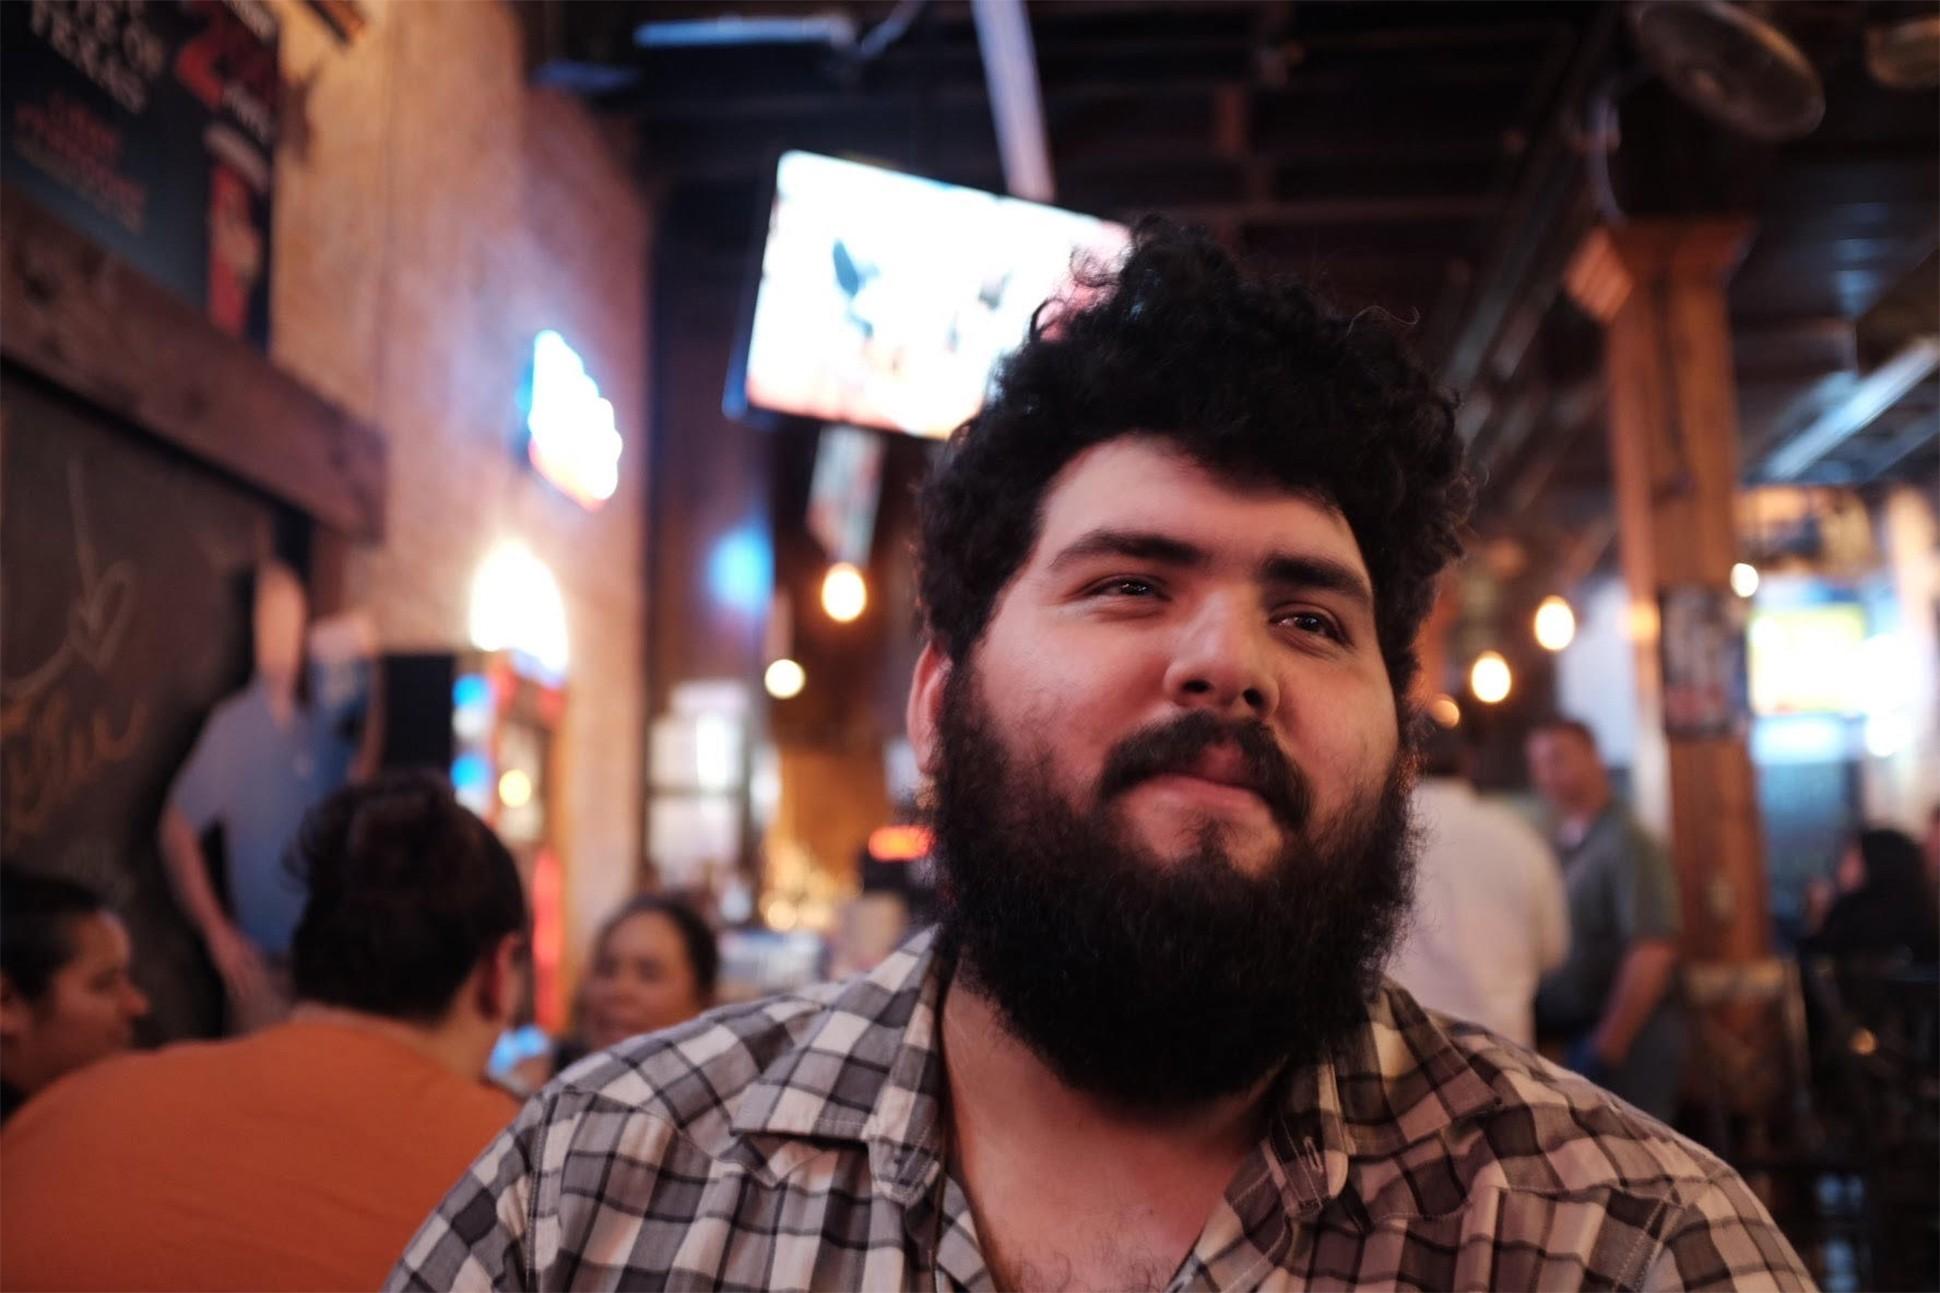 Luis Daniel Salgado